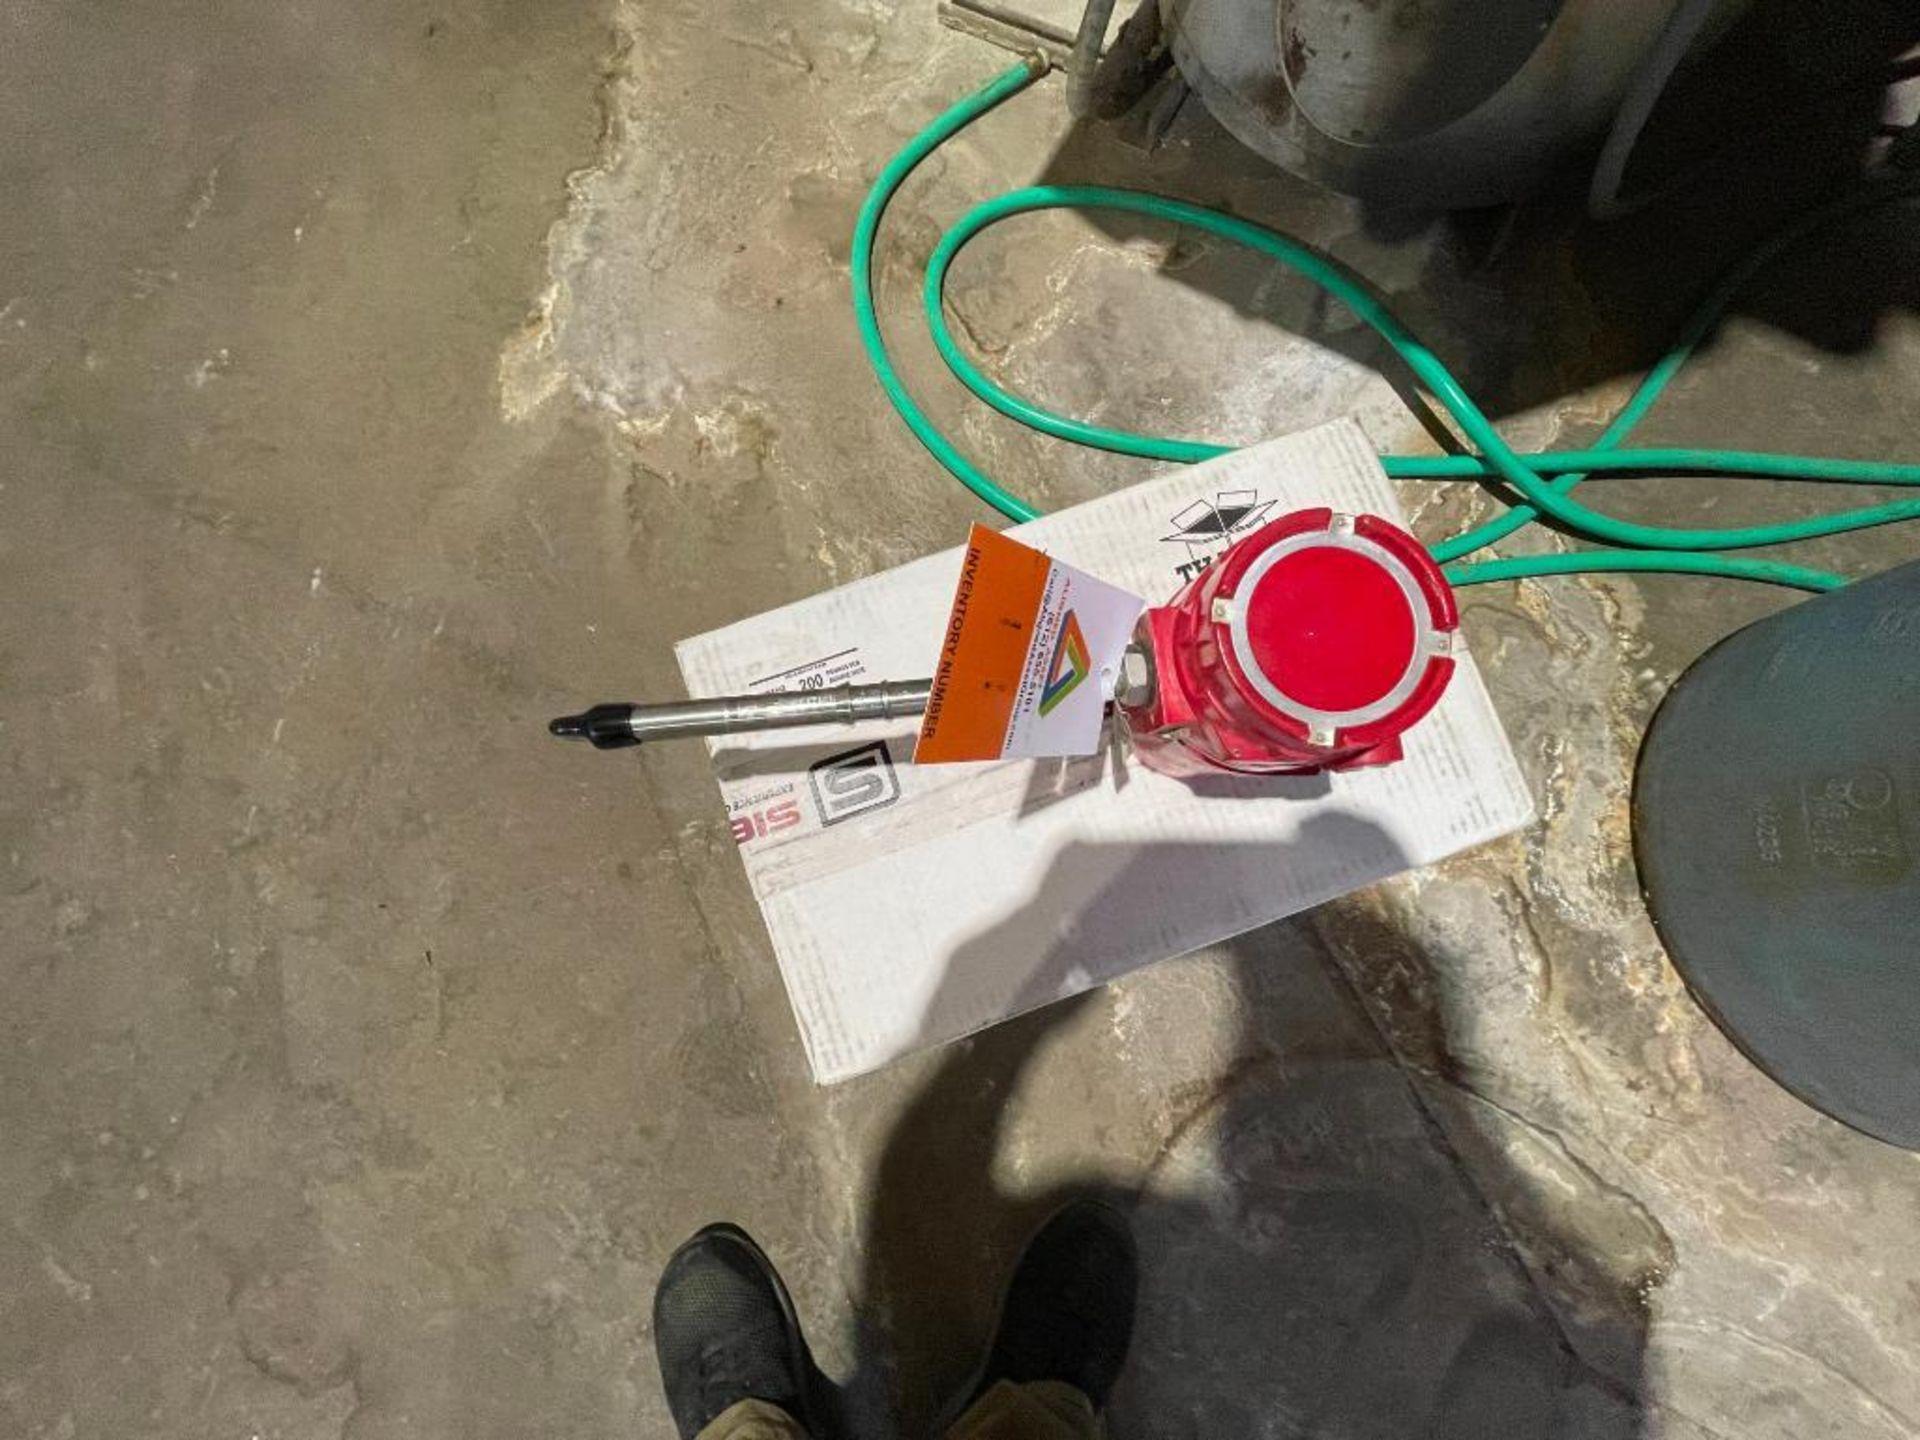 Sierra mass flow meter, unused - Image 3 of 7